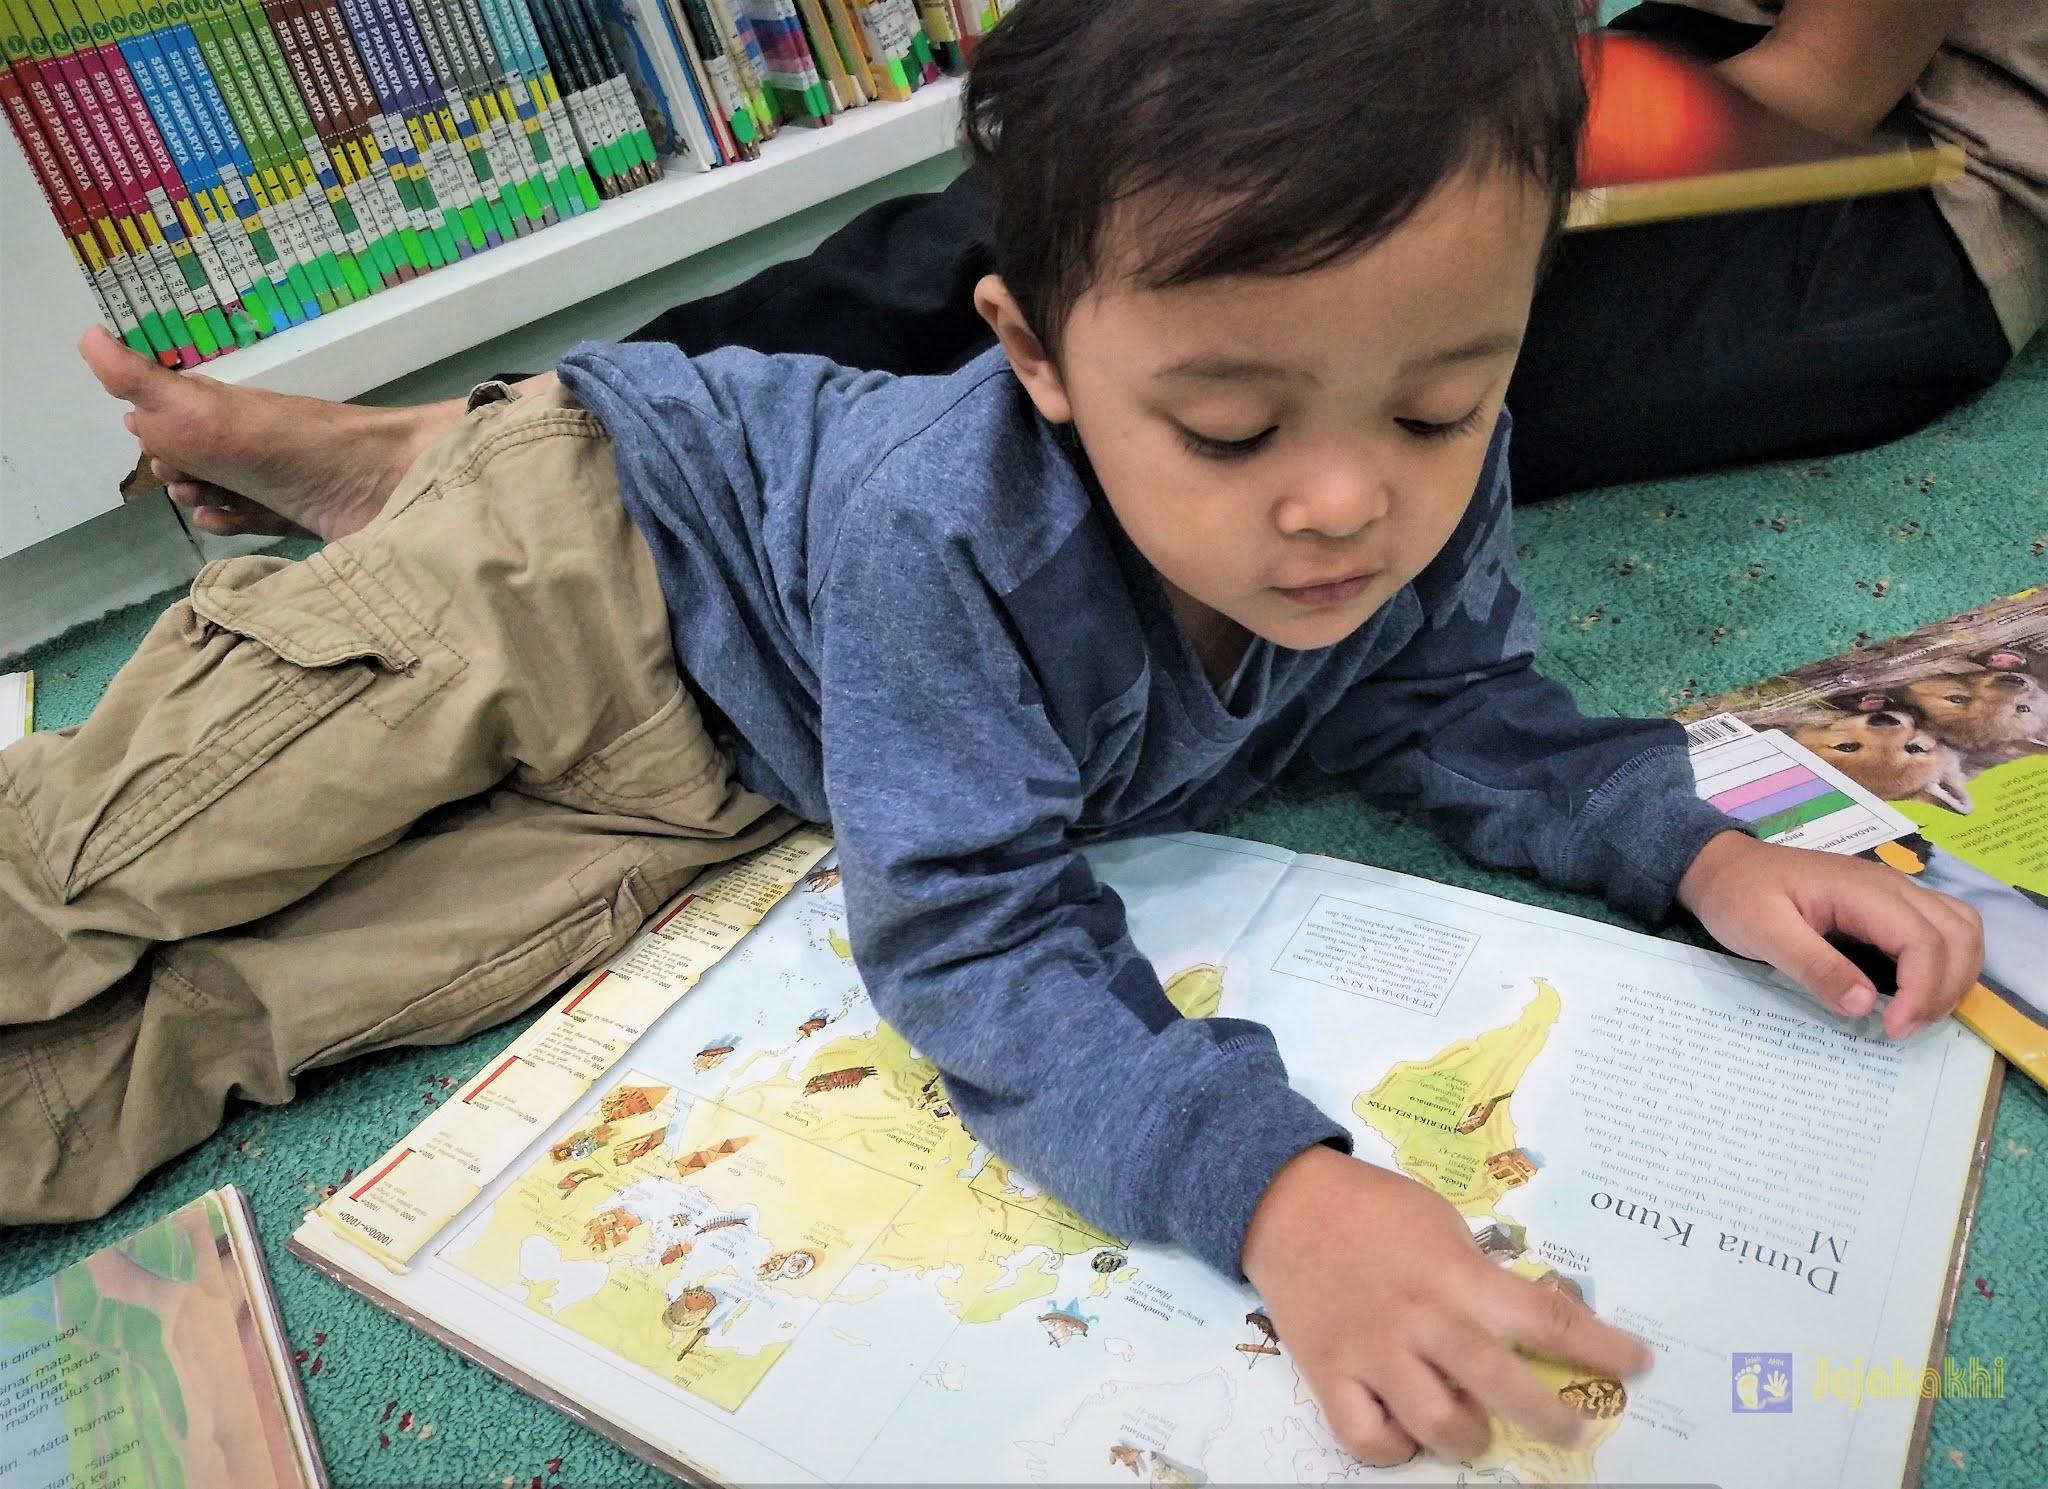 [Jejakakhi]Belajar-dan-Bermain-di-Perpustakaan-Anak-Dispusipda-Provinsi-Jawa-Barat